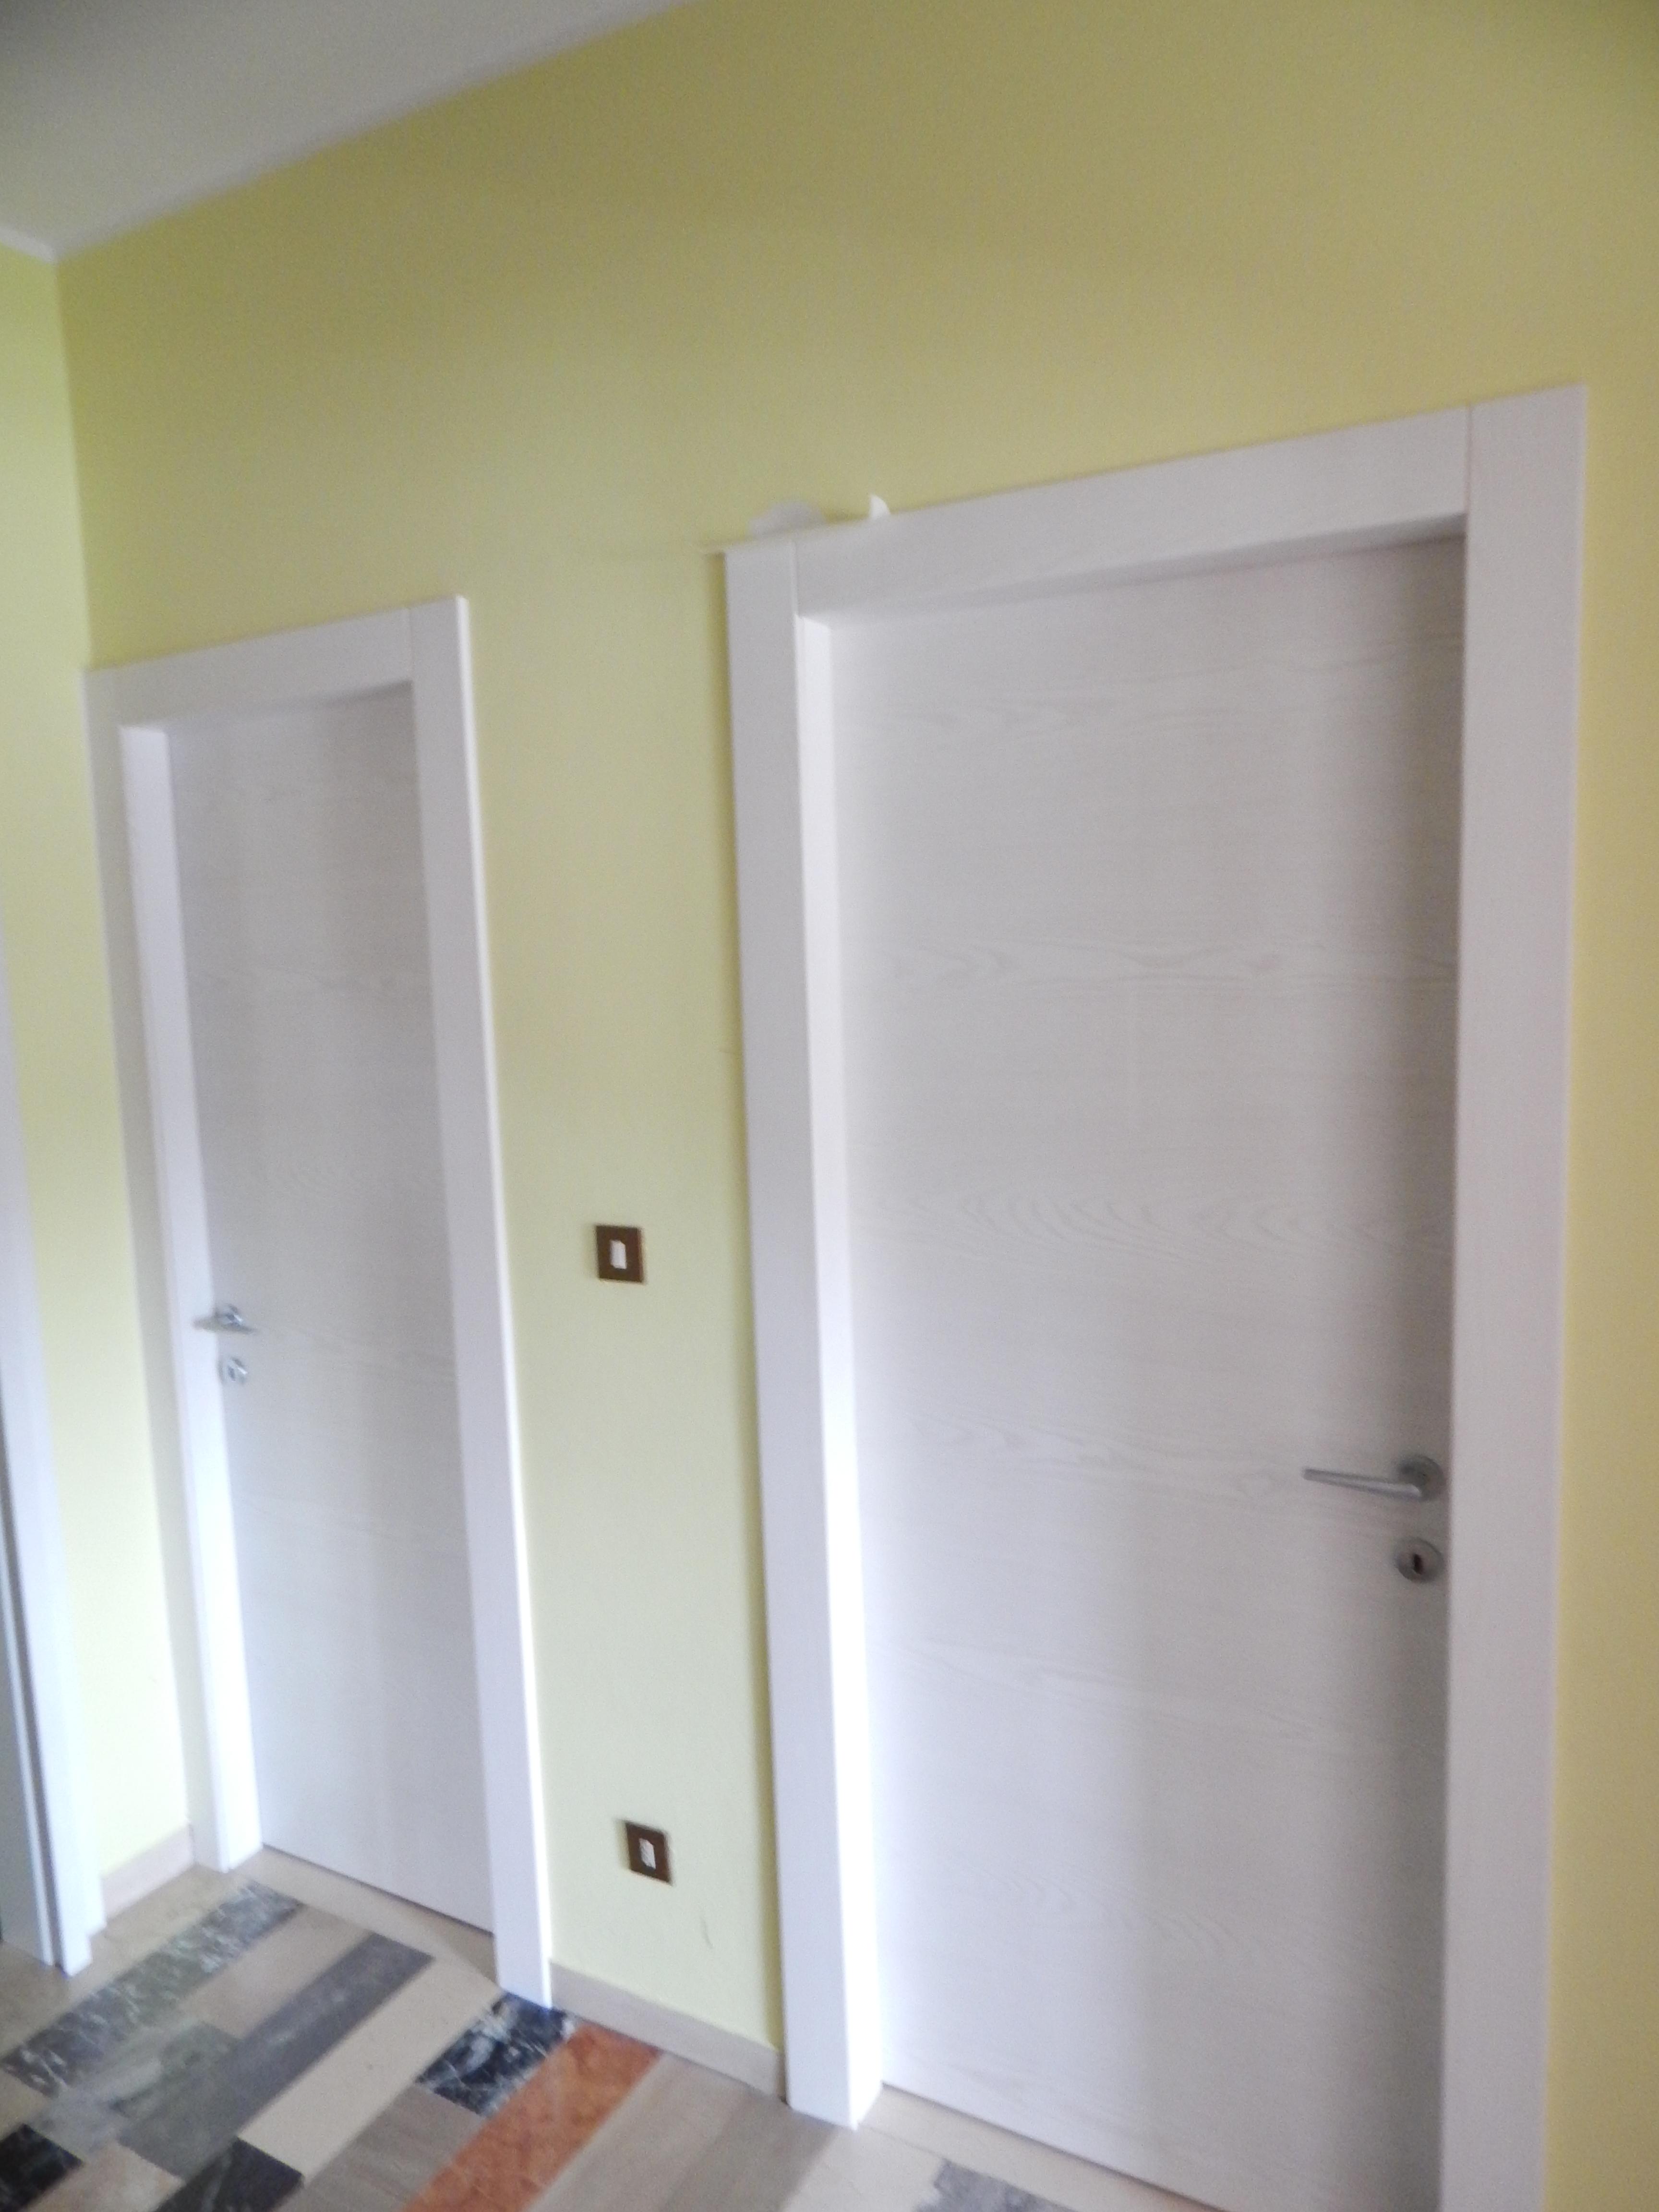 Porte in frassino casse alla trentina padova realizzazione porte finestre portoncini d - Finestre in frassino ...